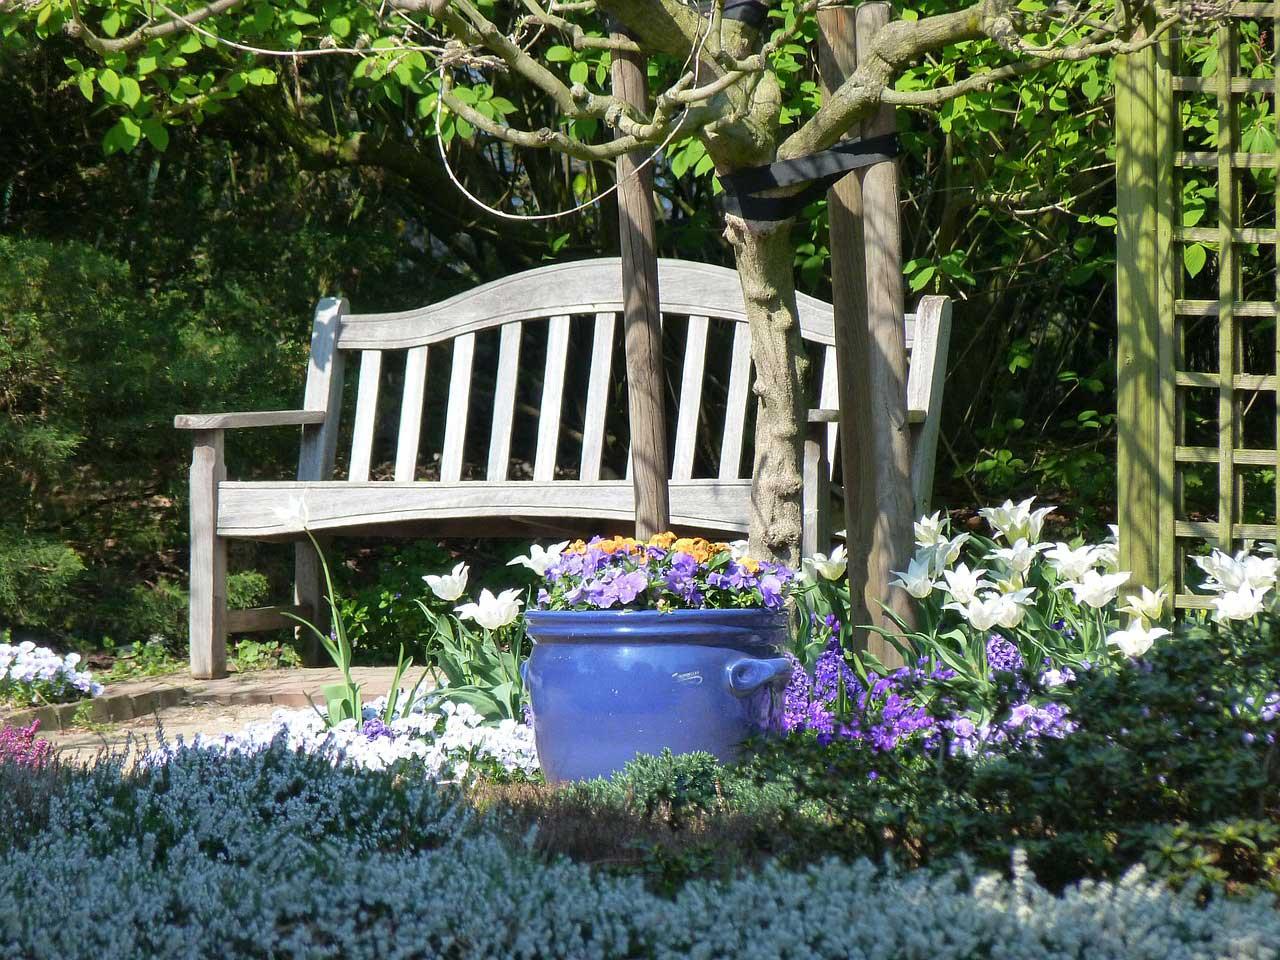 Holzbänke - Romantische Sitzgelegenheiten im Garten.